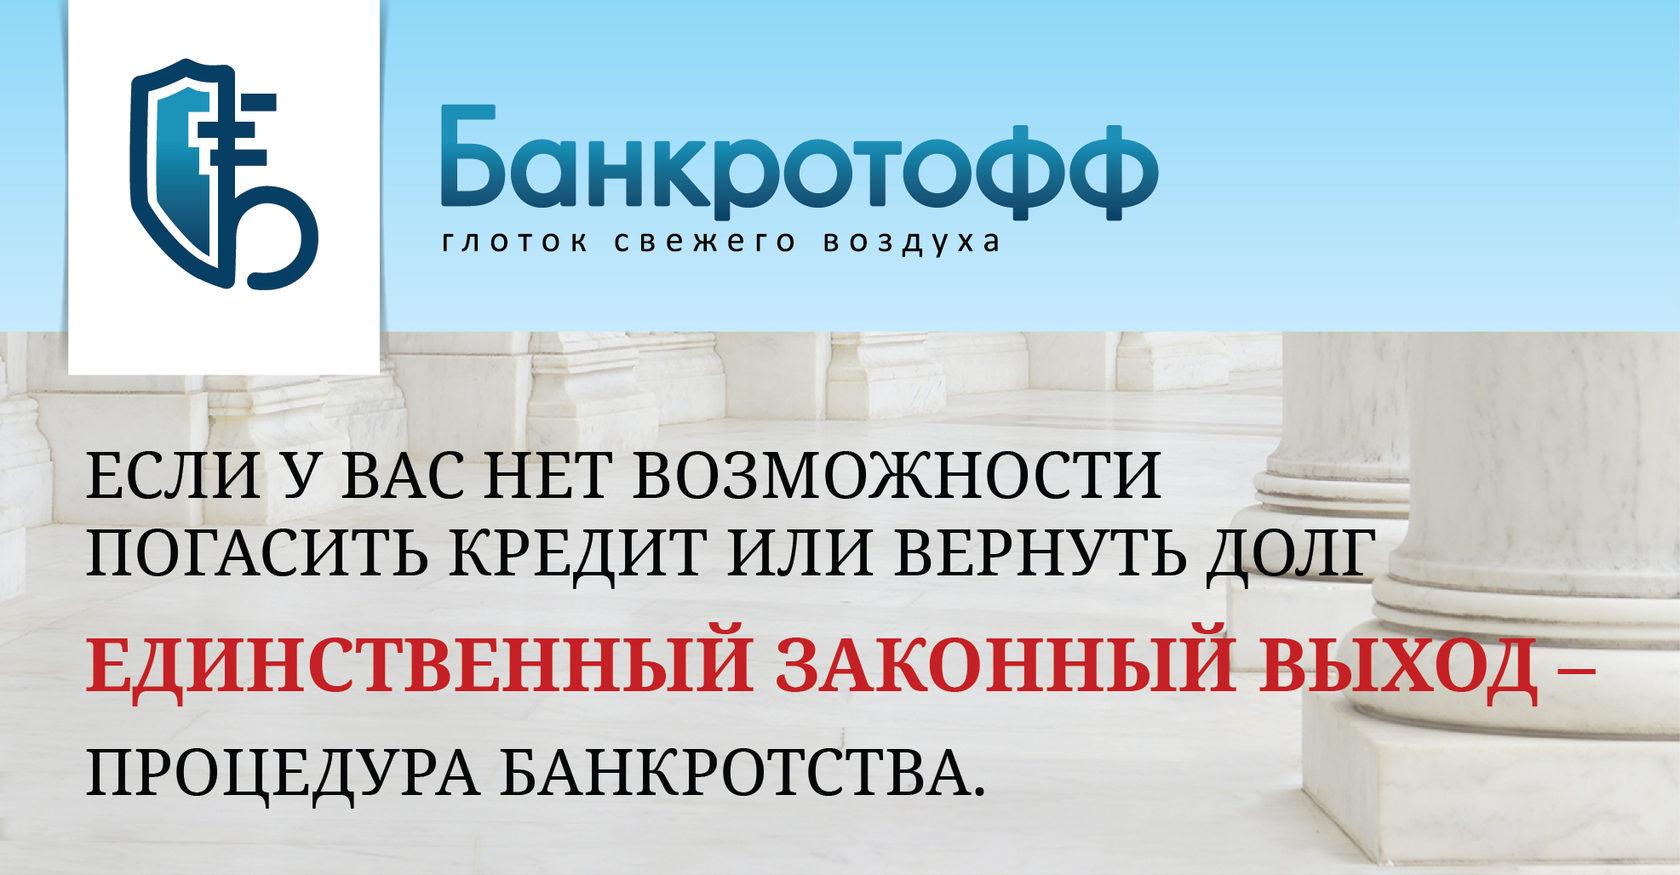 Карта метро москвы 2020 с мцк и бкл